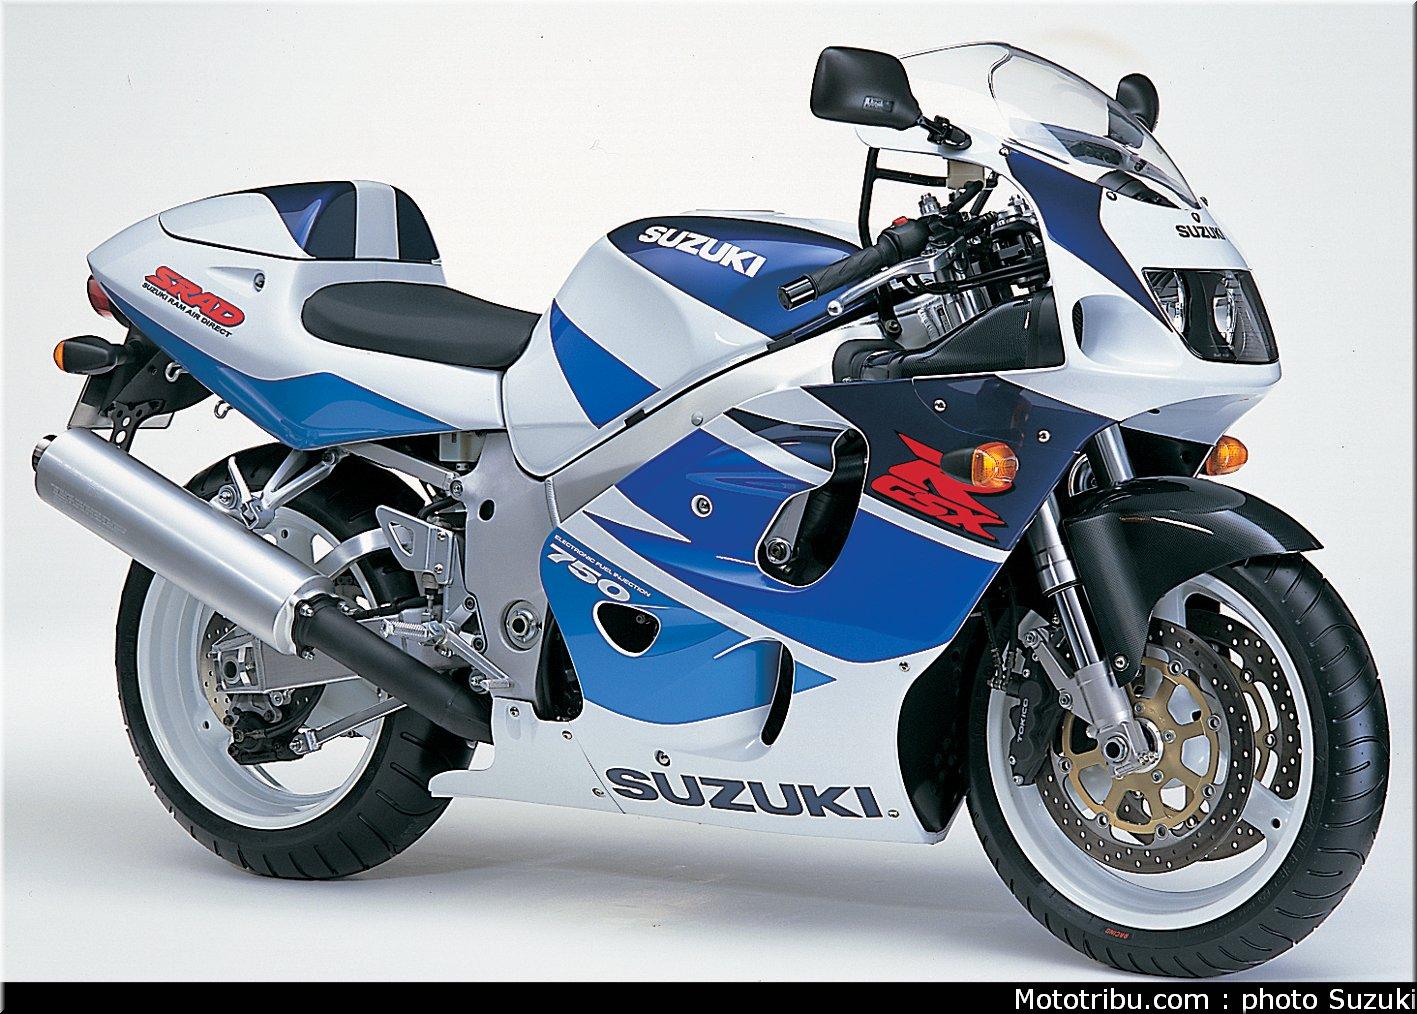 Suzuki GSXR 750 1989Motos Suzuki GSX R Images Crazy Gallery 1417x1014